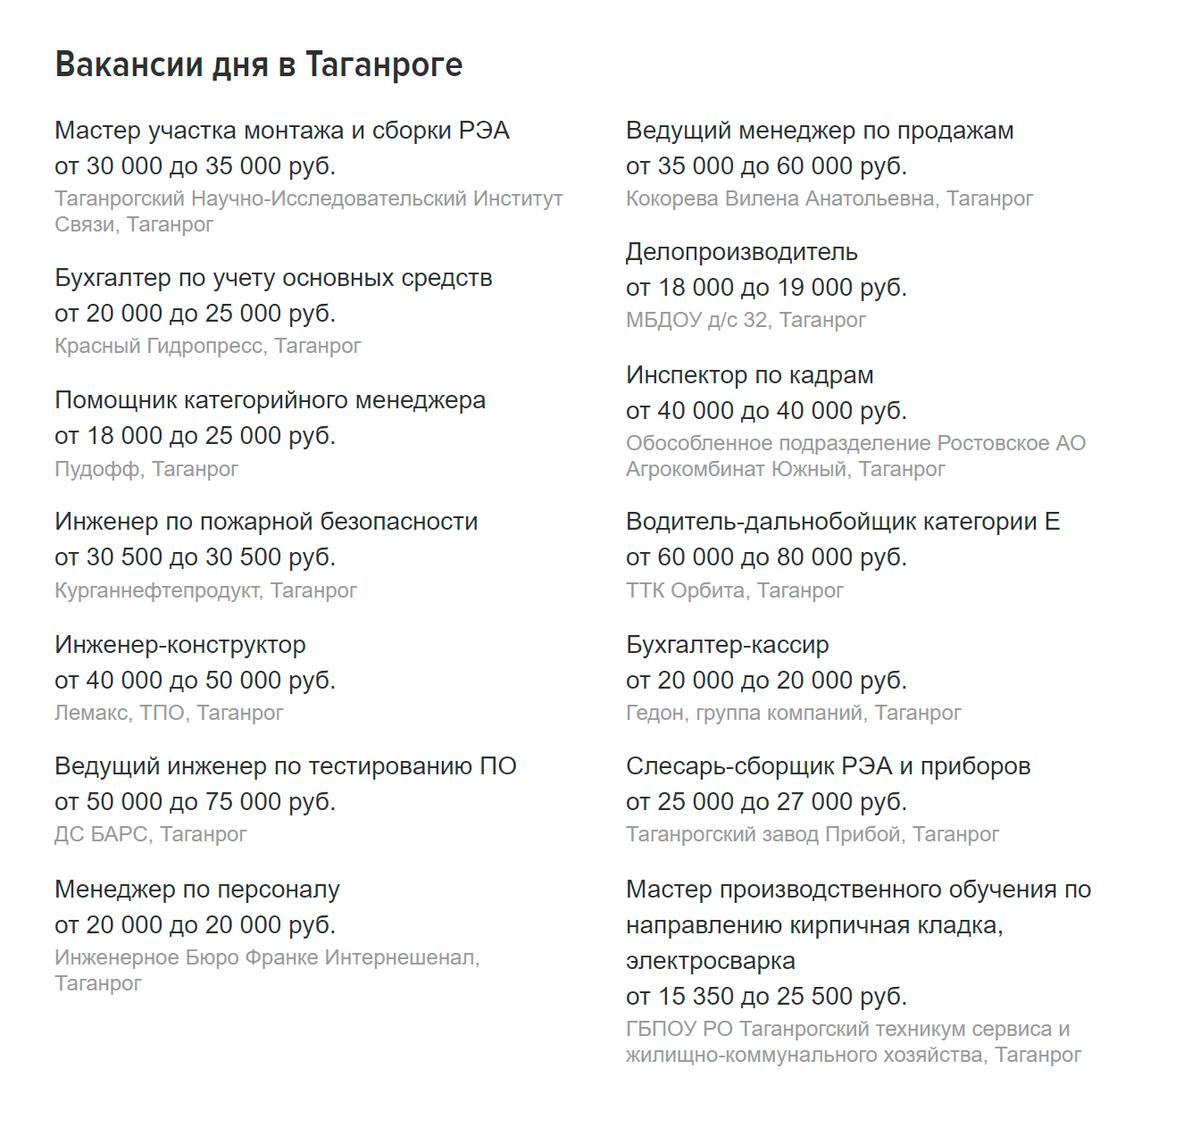 Средняя зарплата в Таганроге, если судить по вакансиям на «Хедхантере», — 30—35 тысяч рублей